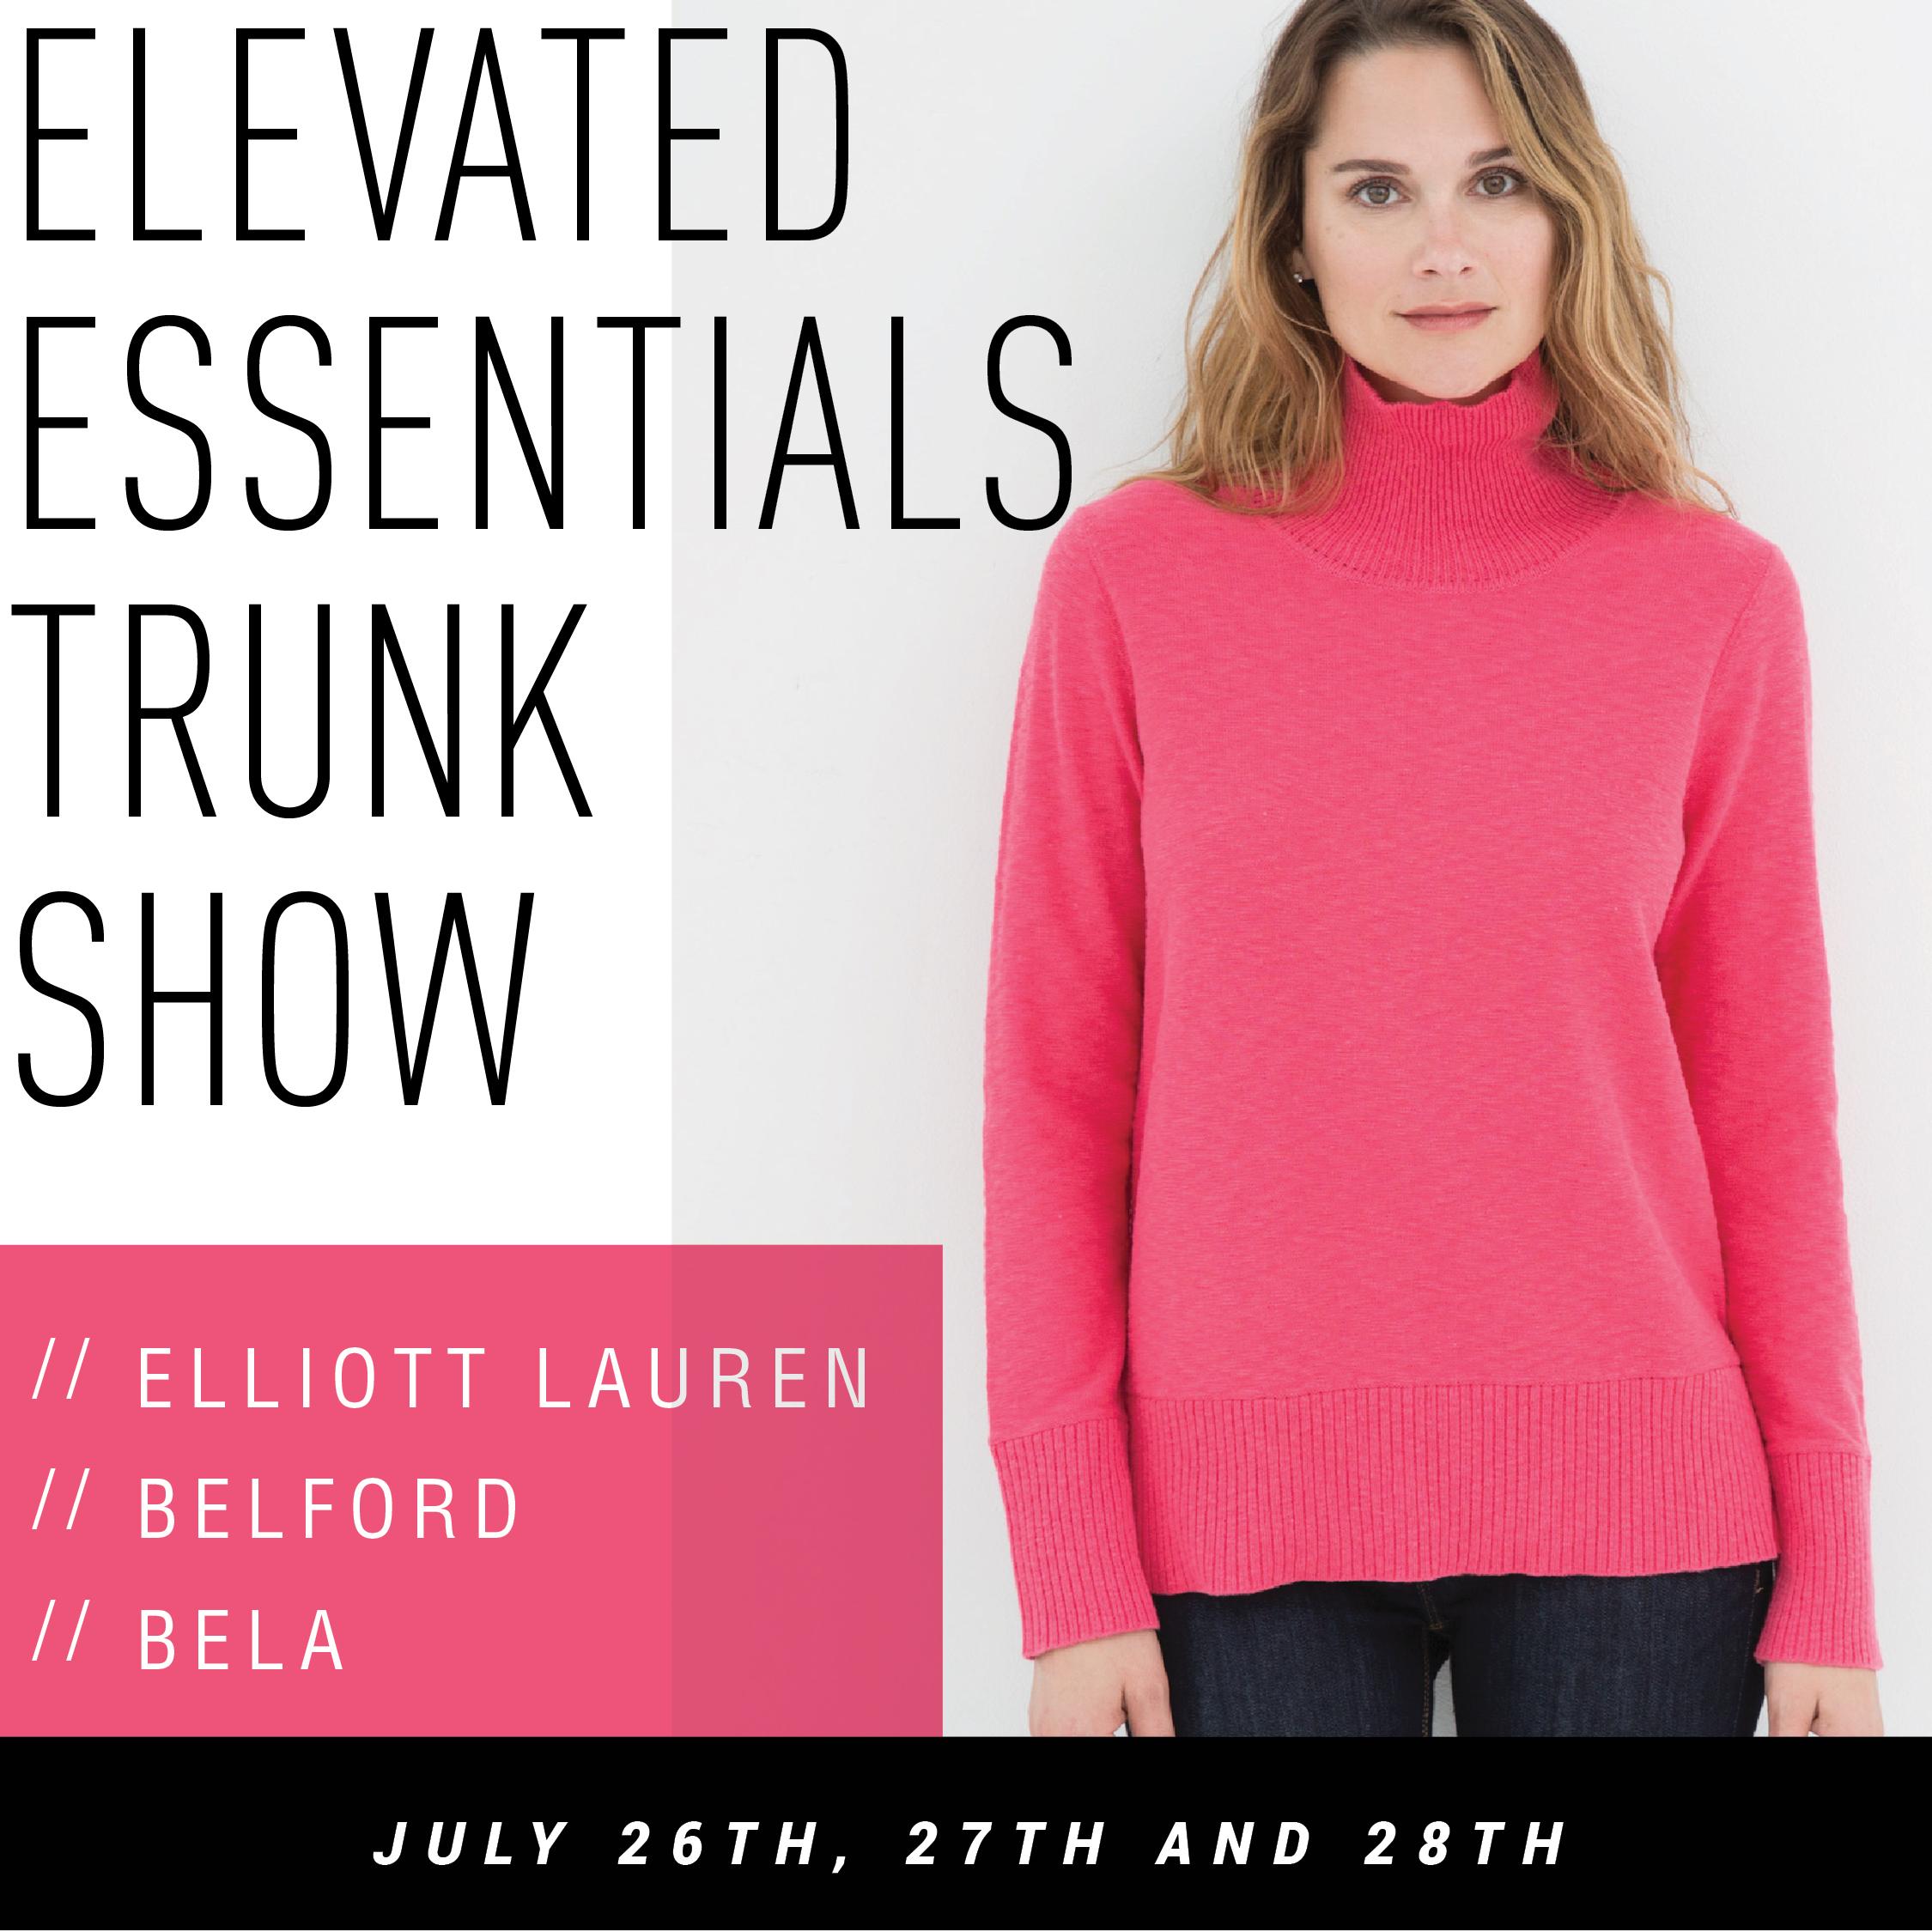 Elevated Essentials Trunk Show | Elliott Lauren, Belford, and Bela